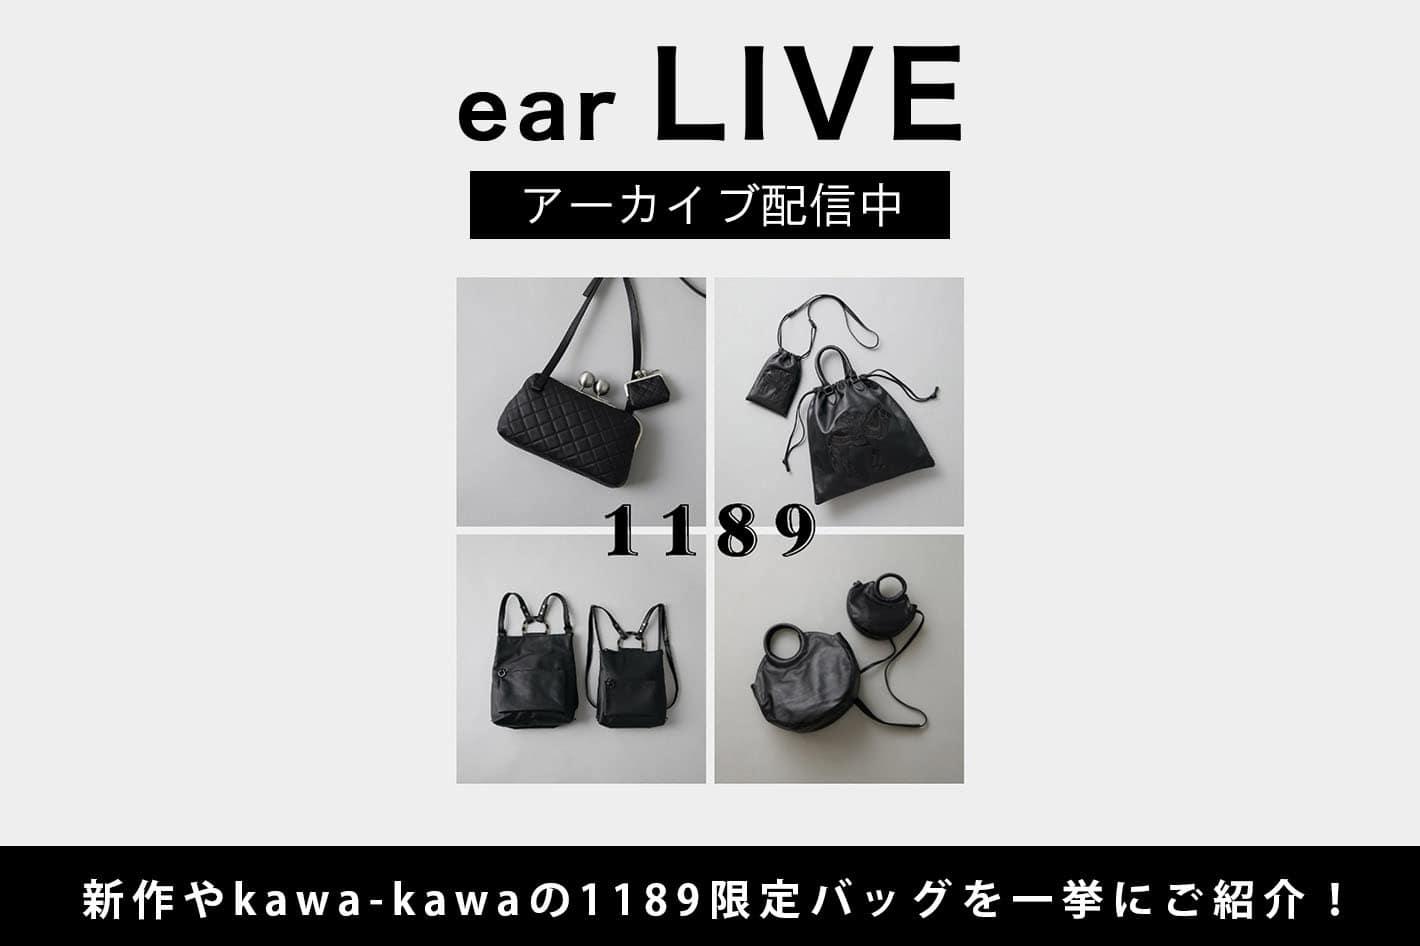 ear PAPILLONNER 【アーカイブ配信中】1189(いいバッグ)限定のkawa-kawaがま口ショルダーやearのいいバッグをご紹介!